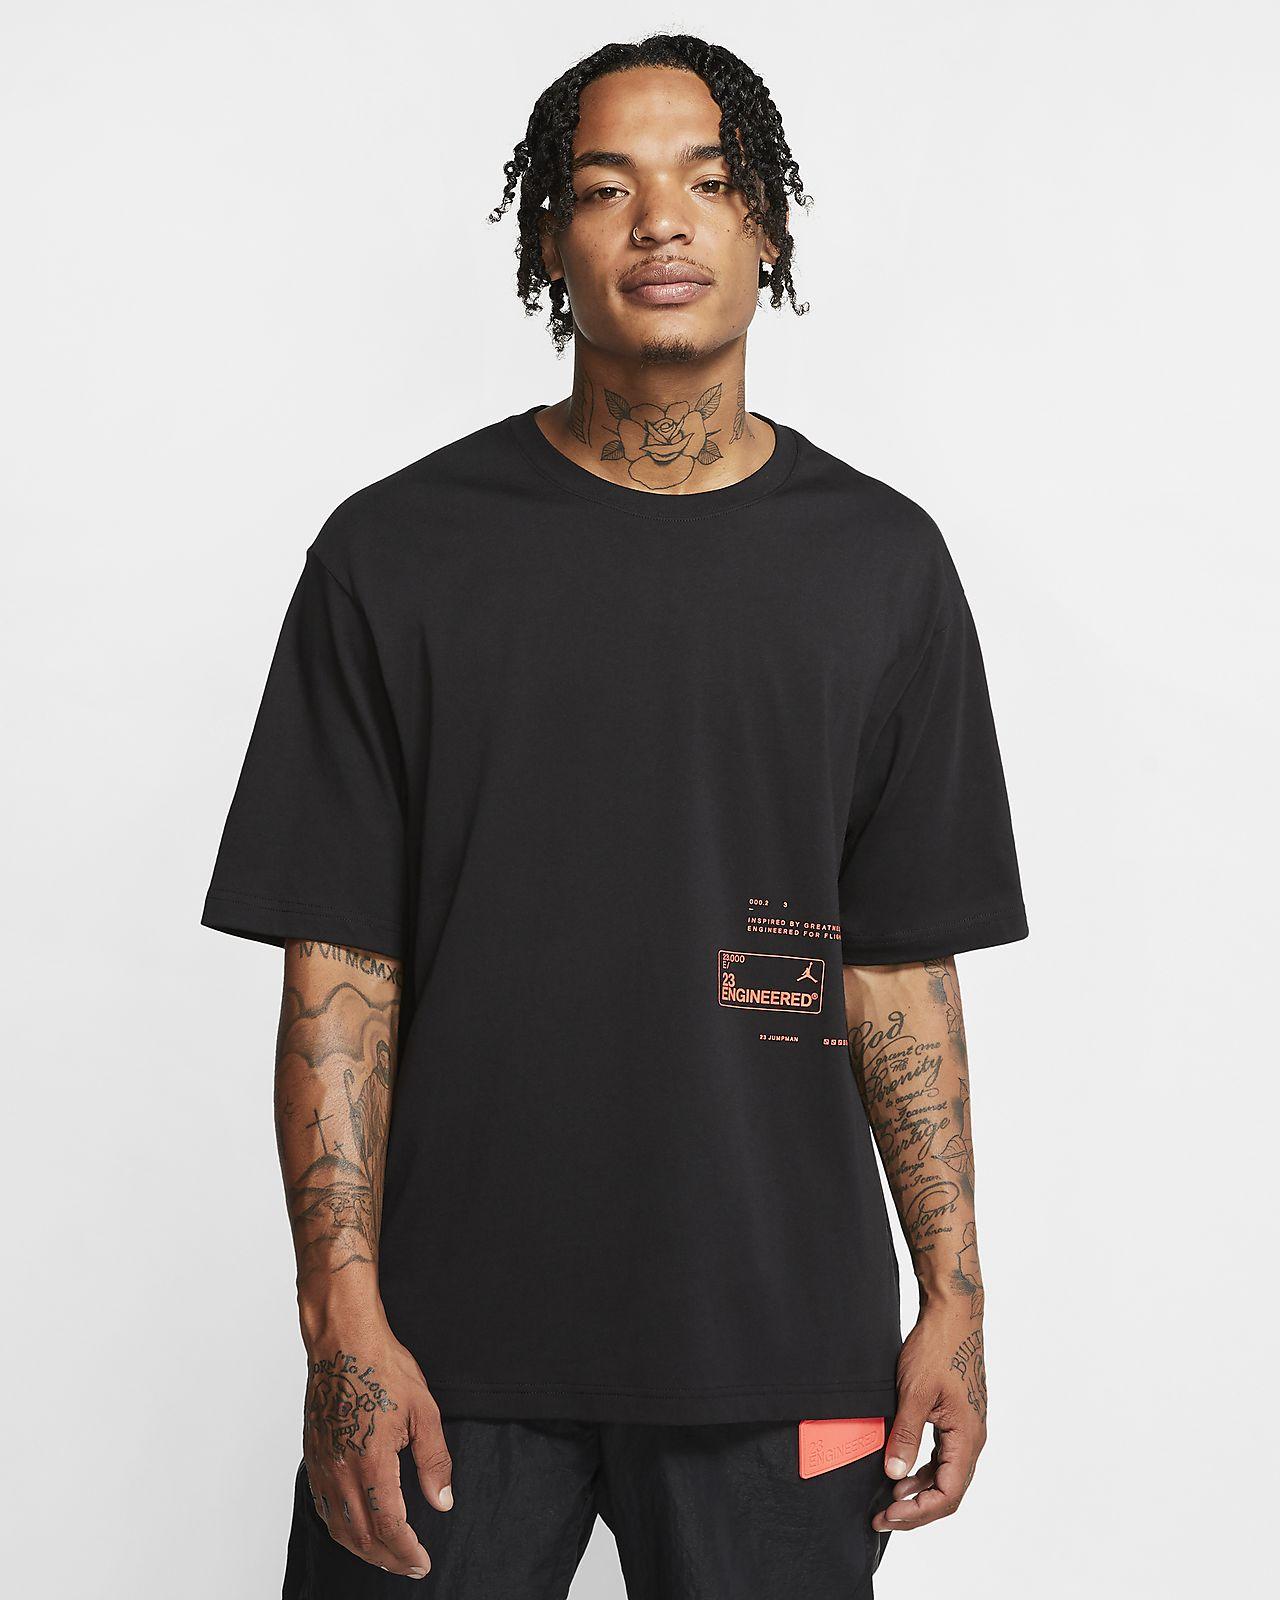 T-shirt Jordan 23 Engineered för män